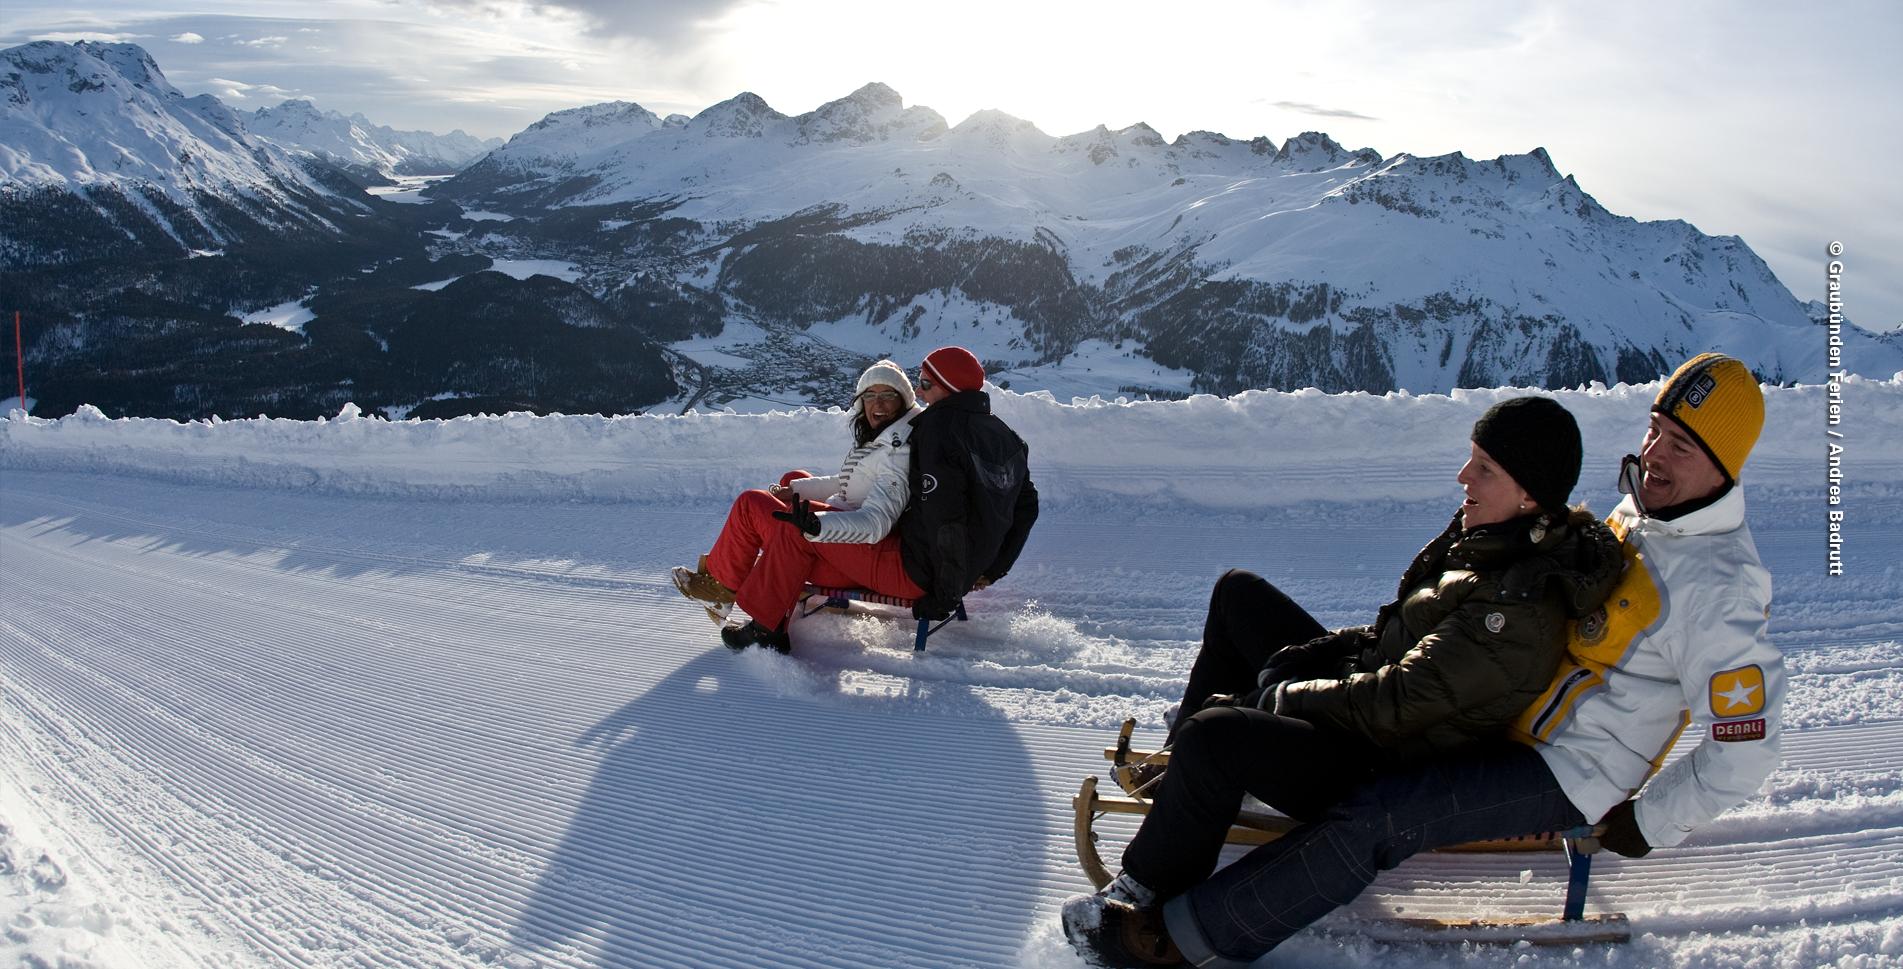 Schneeschuhtour / Schneeschuhtrail (Philosophenweg) auf Muottas Muragl, nähe Samedan, Pontresina und St. Moritz